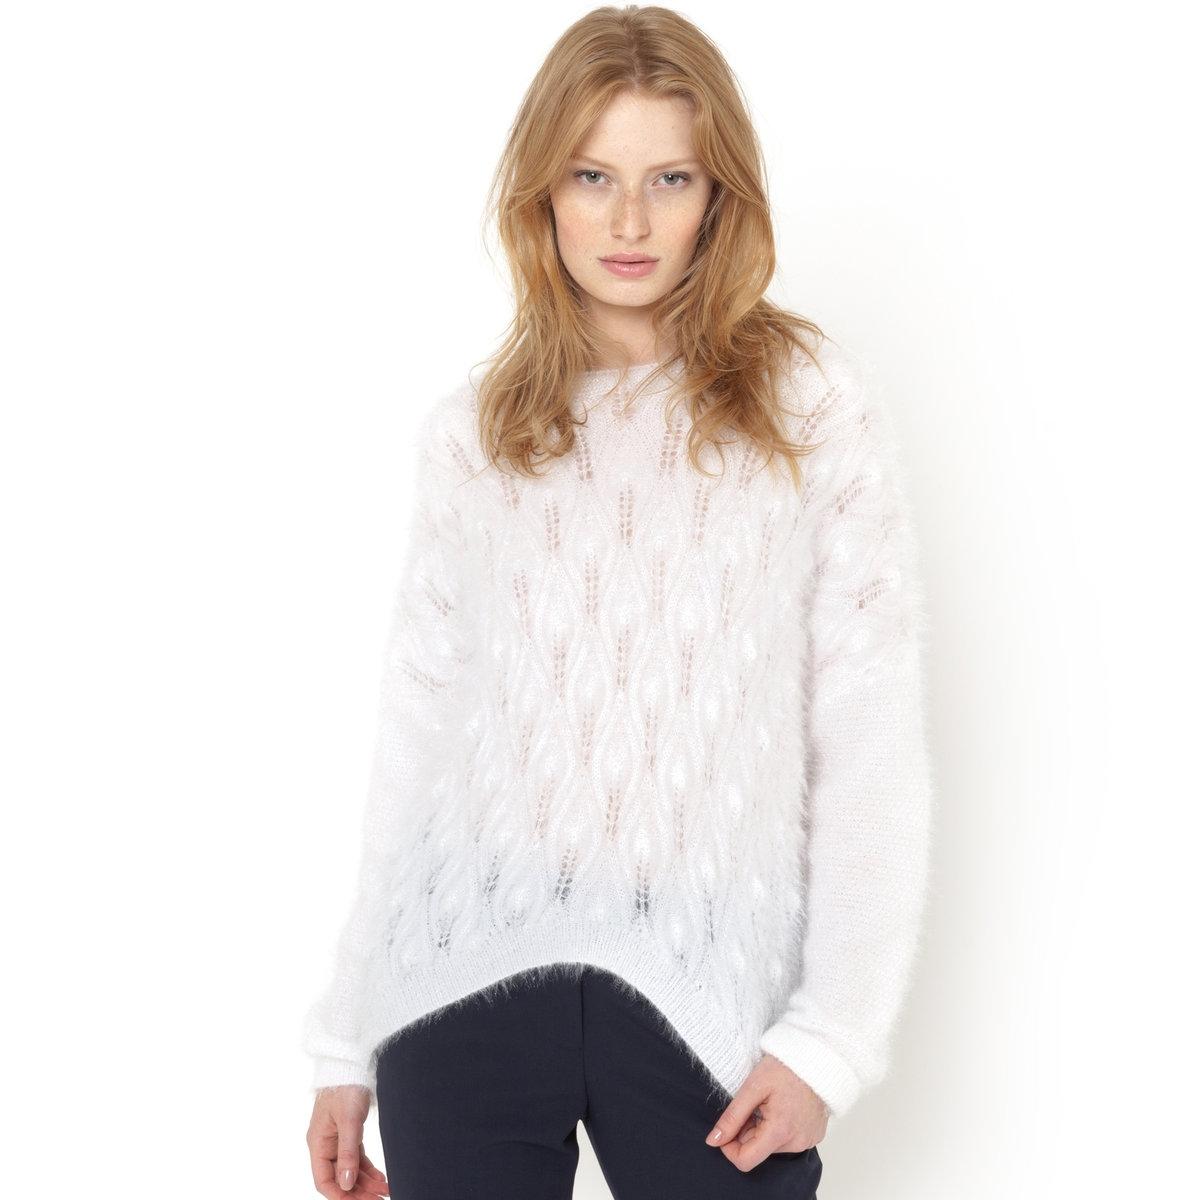 Пуловер с объемным рисункомПуловер с длинными рукавами и объемным рисунком спереди. 100% полиэстер. Длина переда 44 см, по спинке 62 см.<br><br>Цвет: слоновая кость,черный